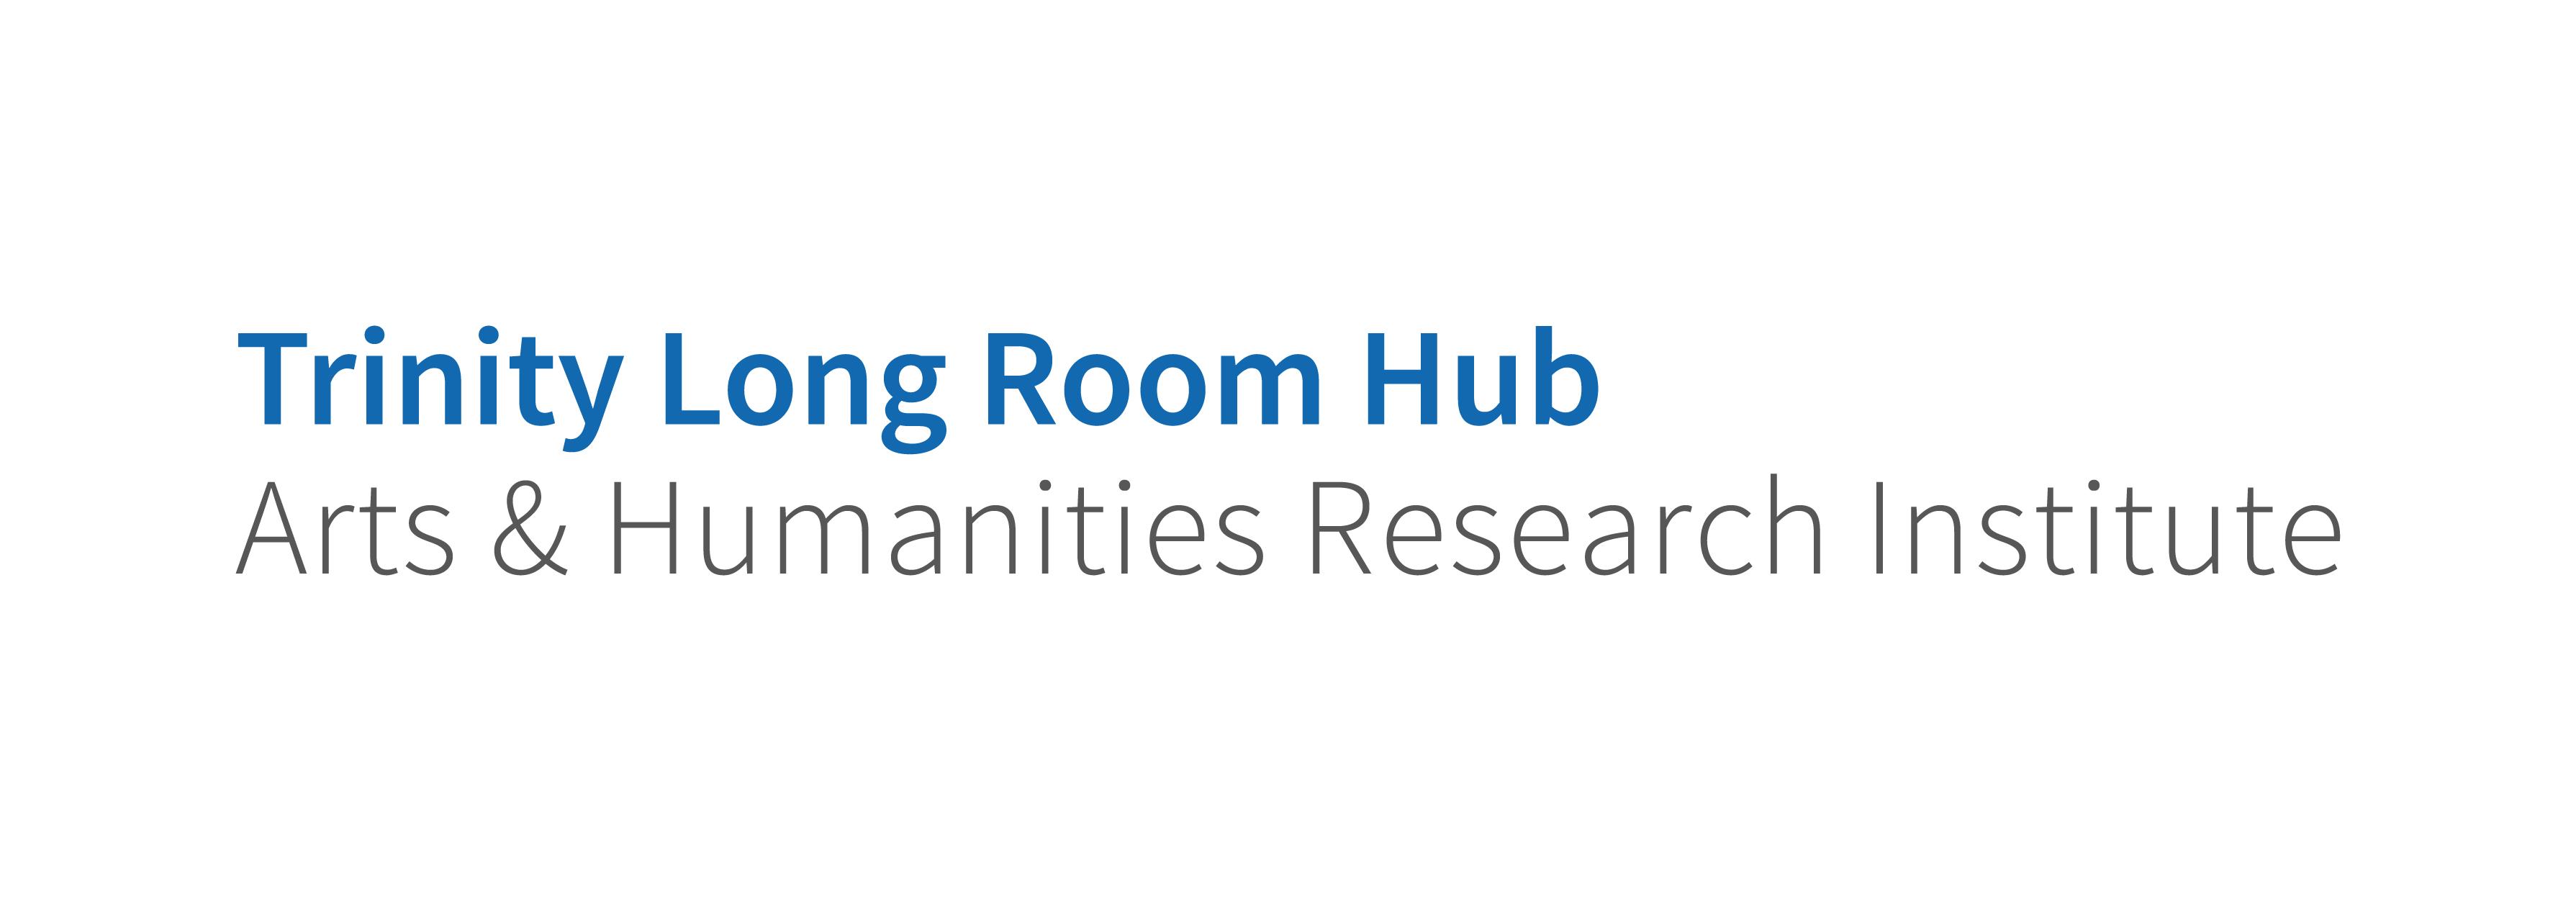 Trinity Long Room Hub